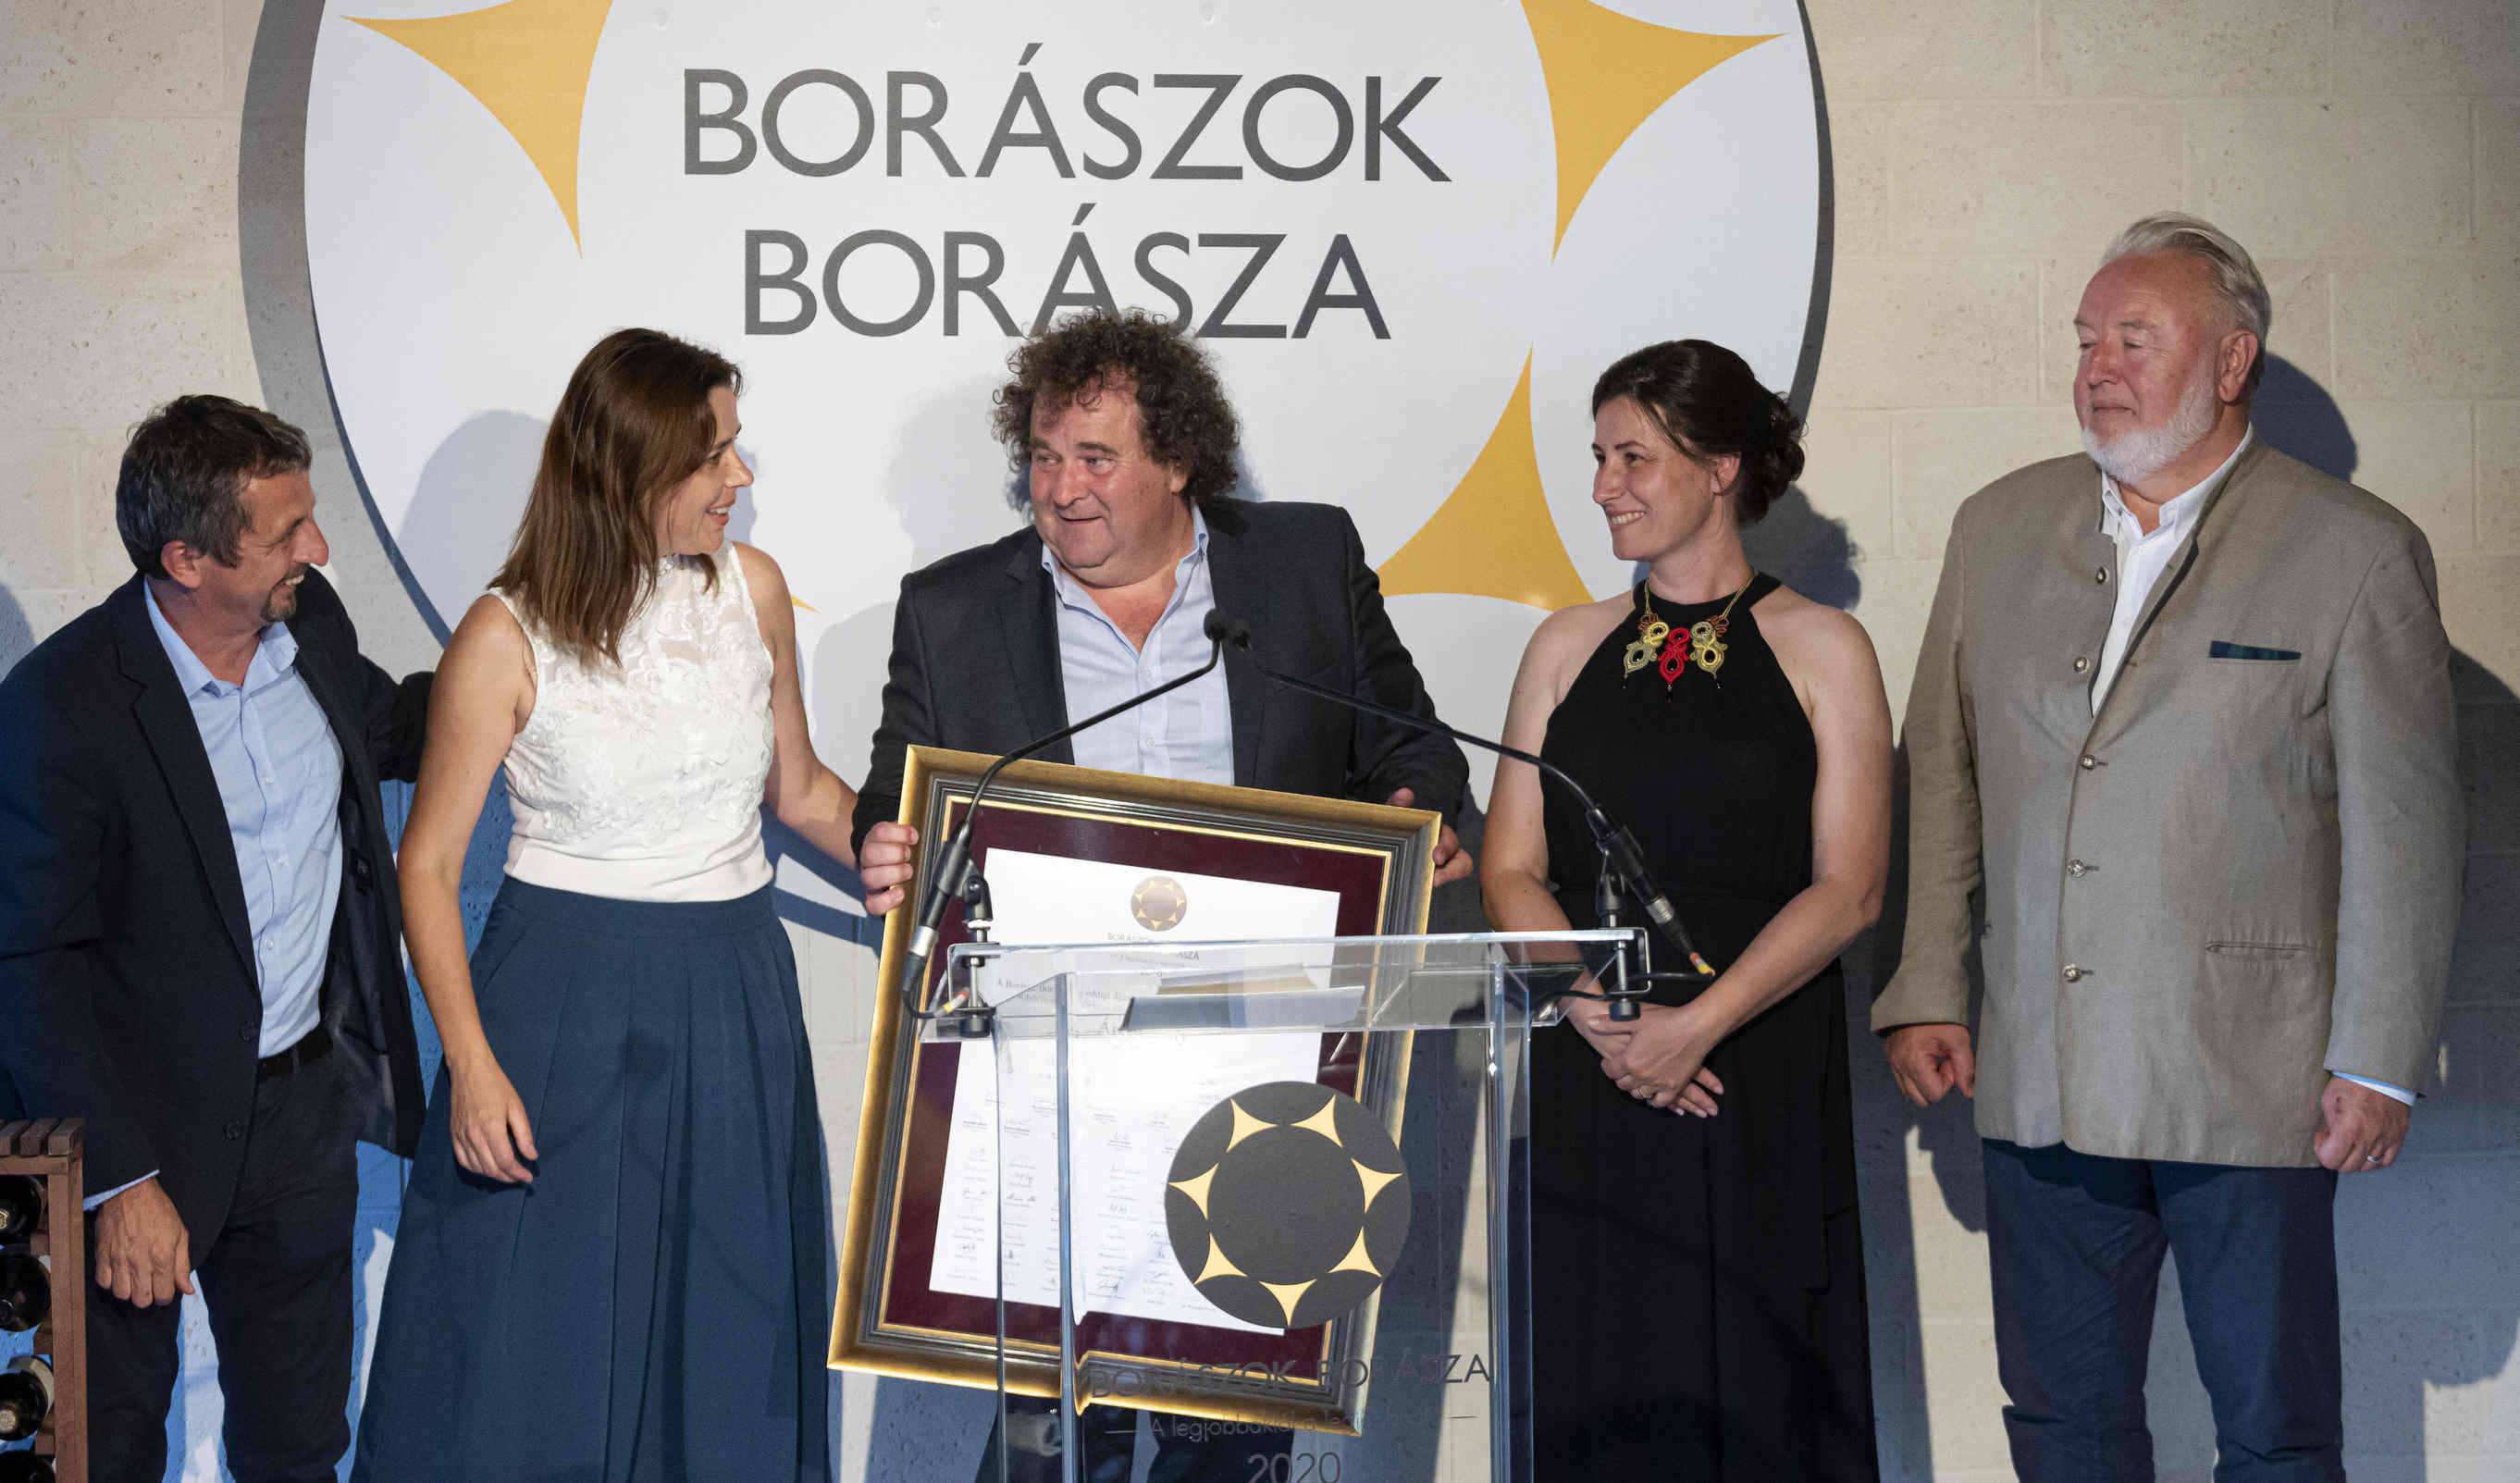 Borászok-borásza-2020-winemaker-hungary-top5